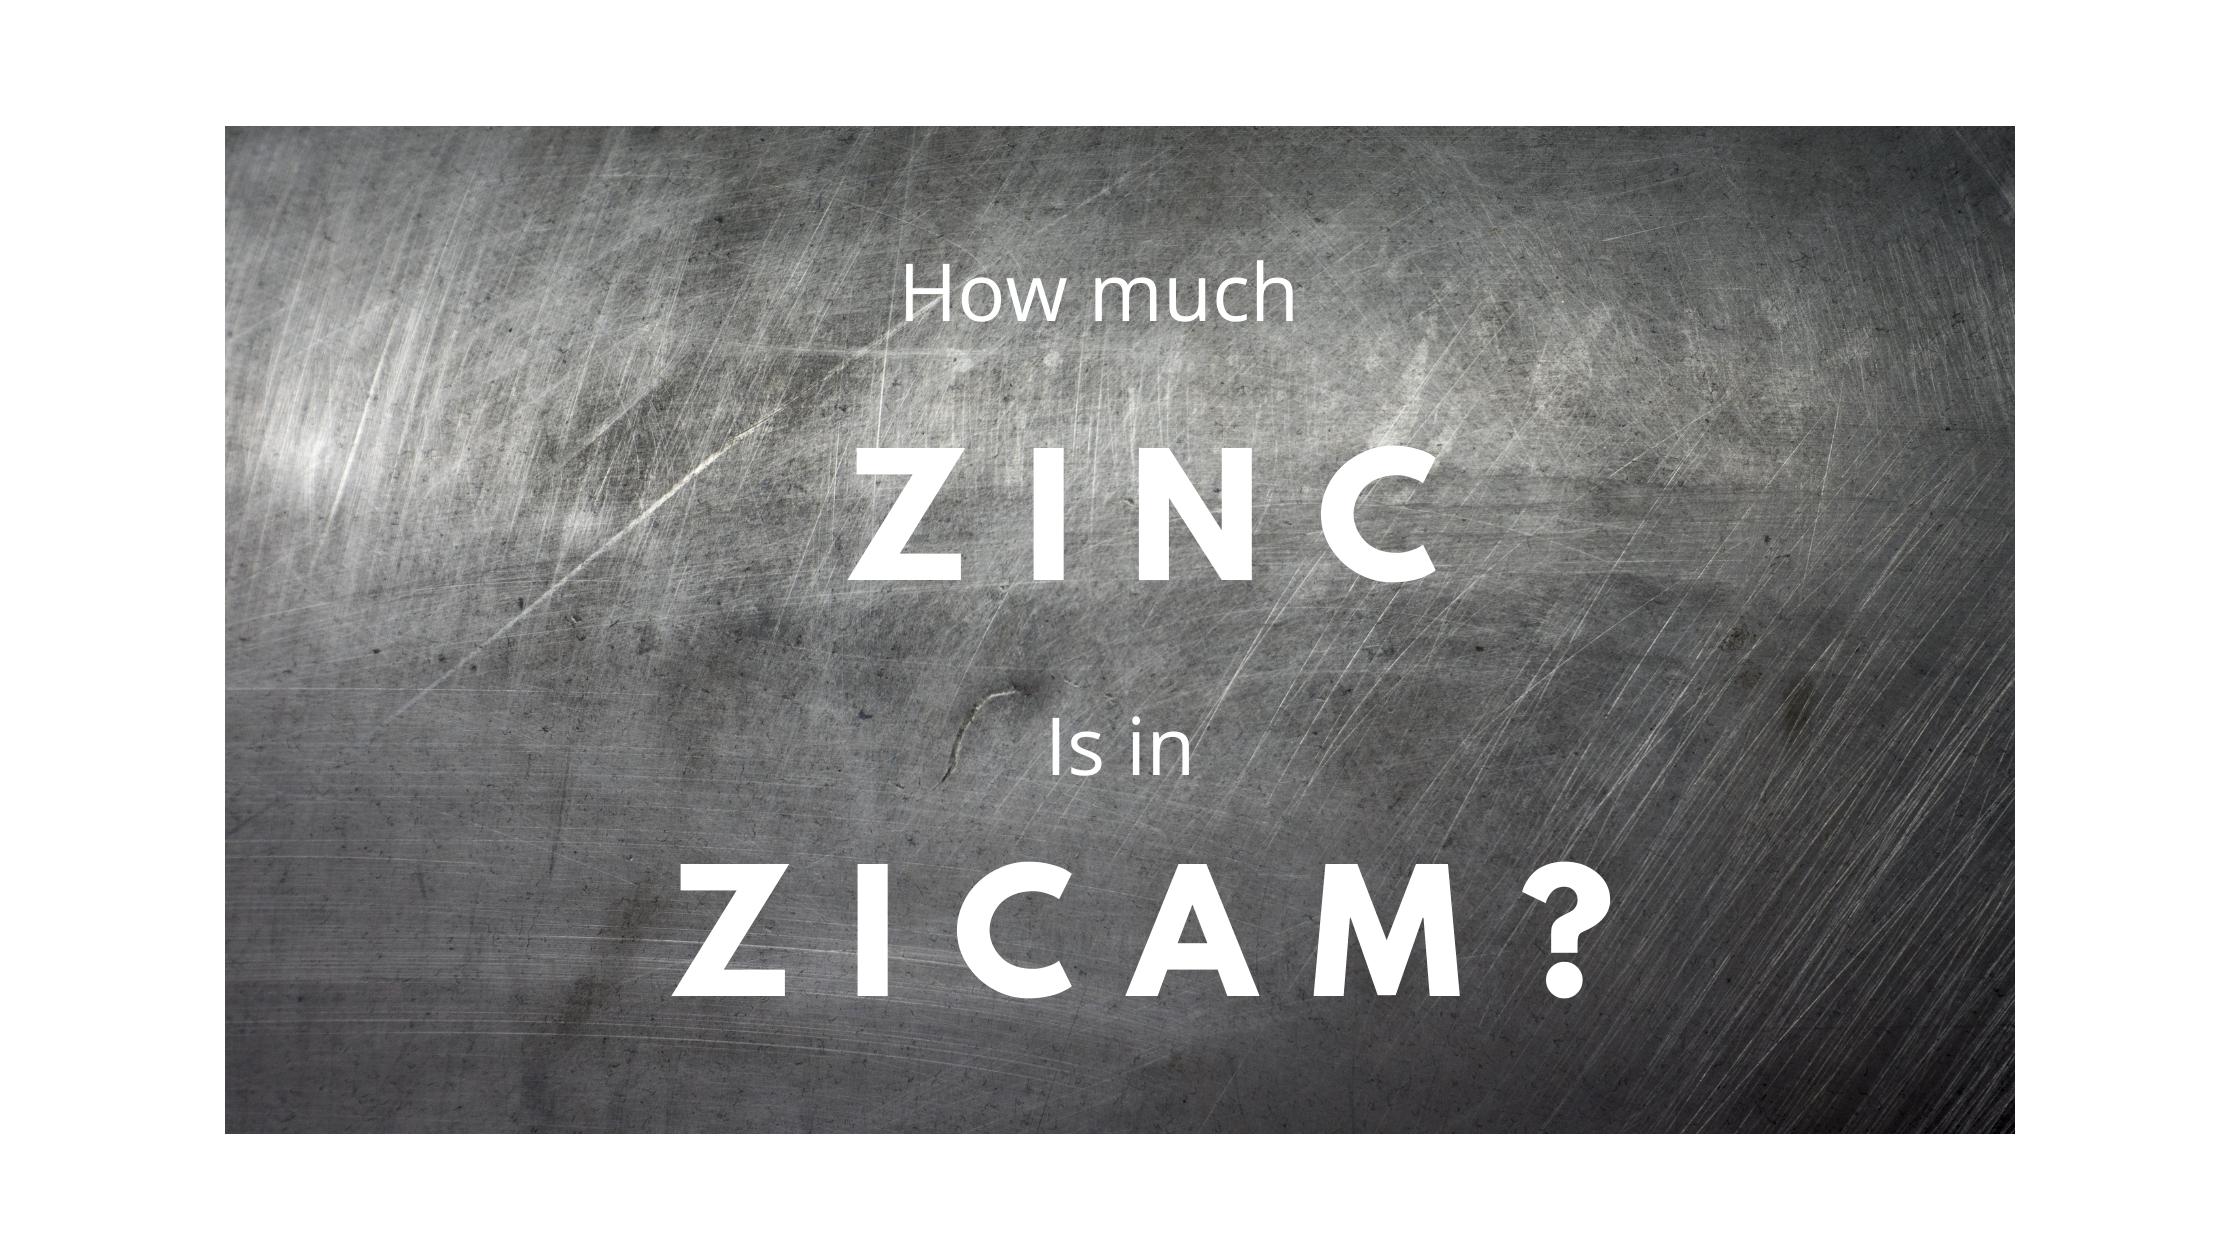 How much zinc is in zicam